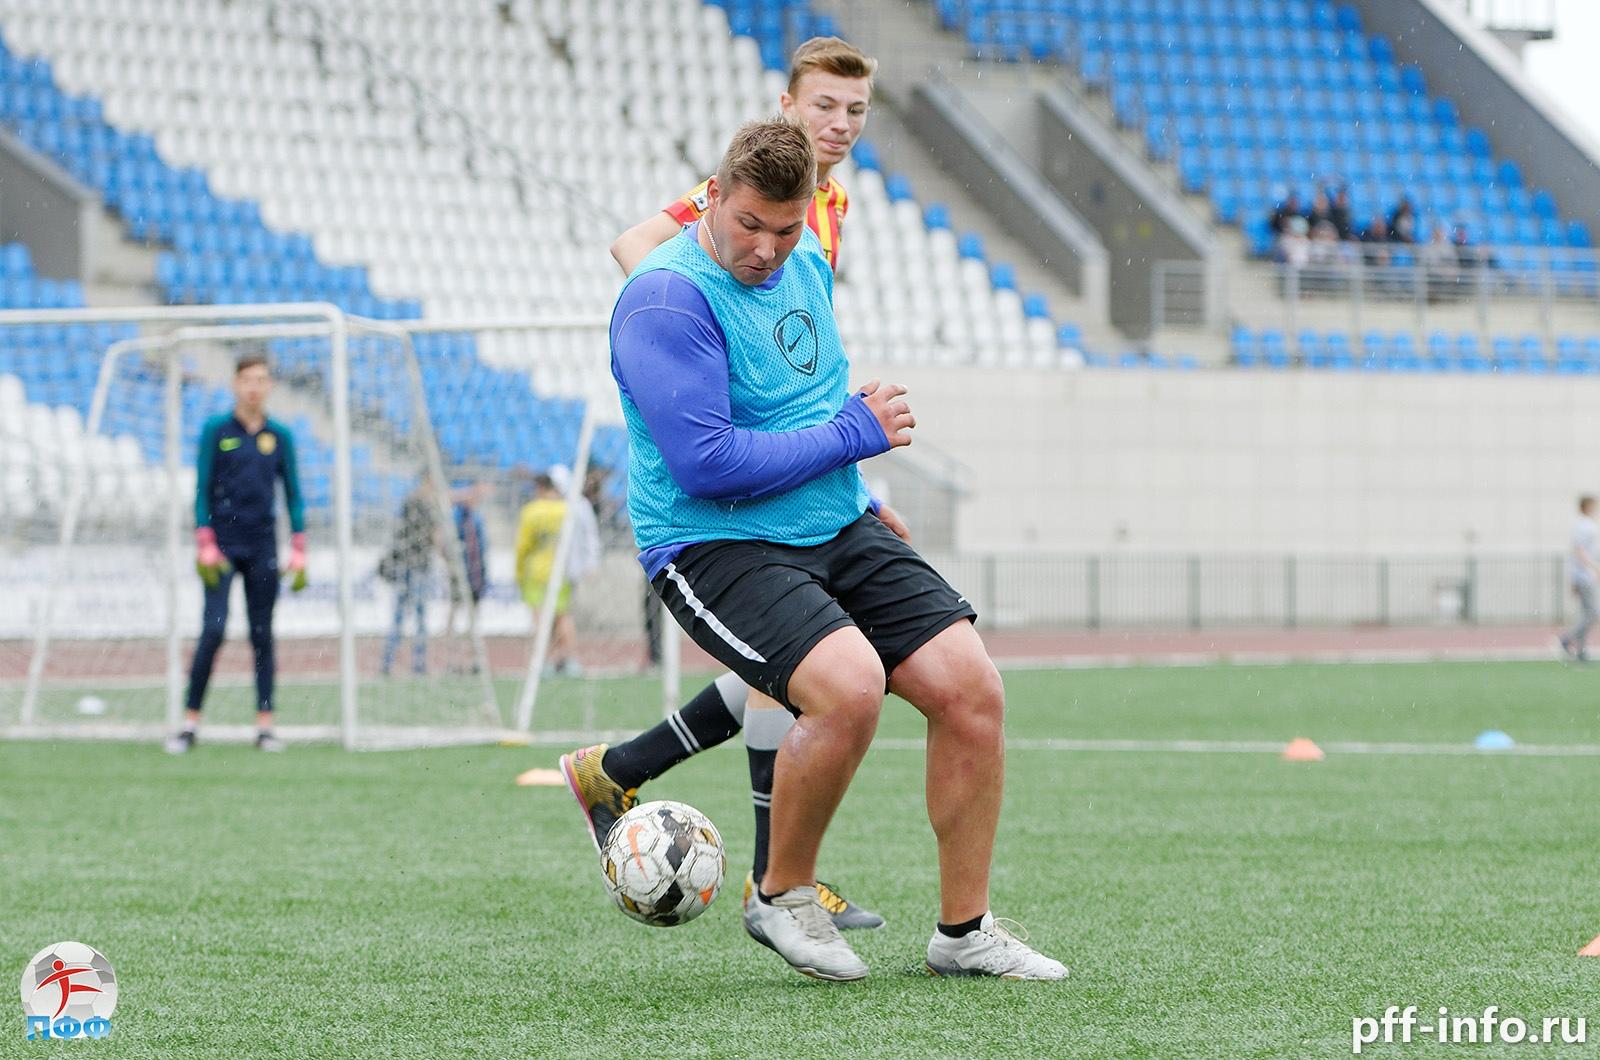 Андрей Ткачук: «Мы добились нужного взаимопонимания»